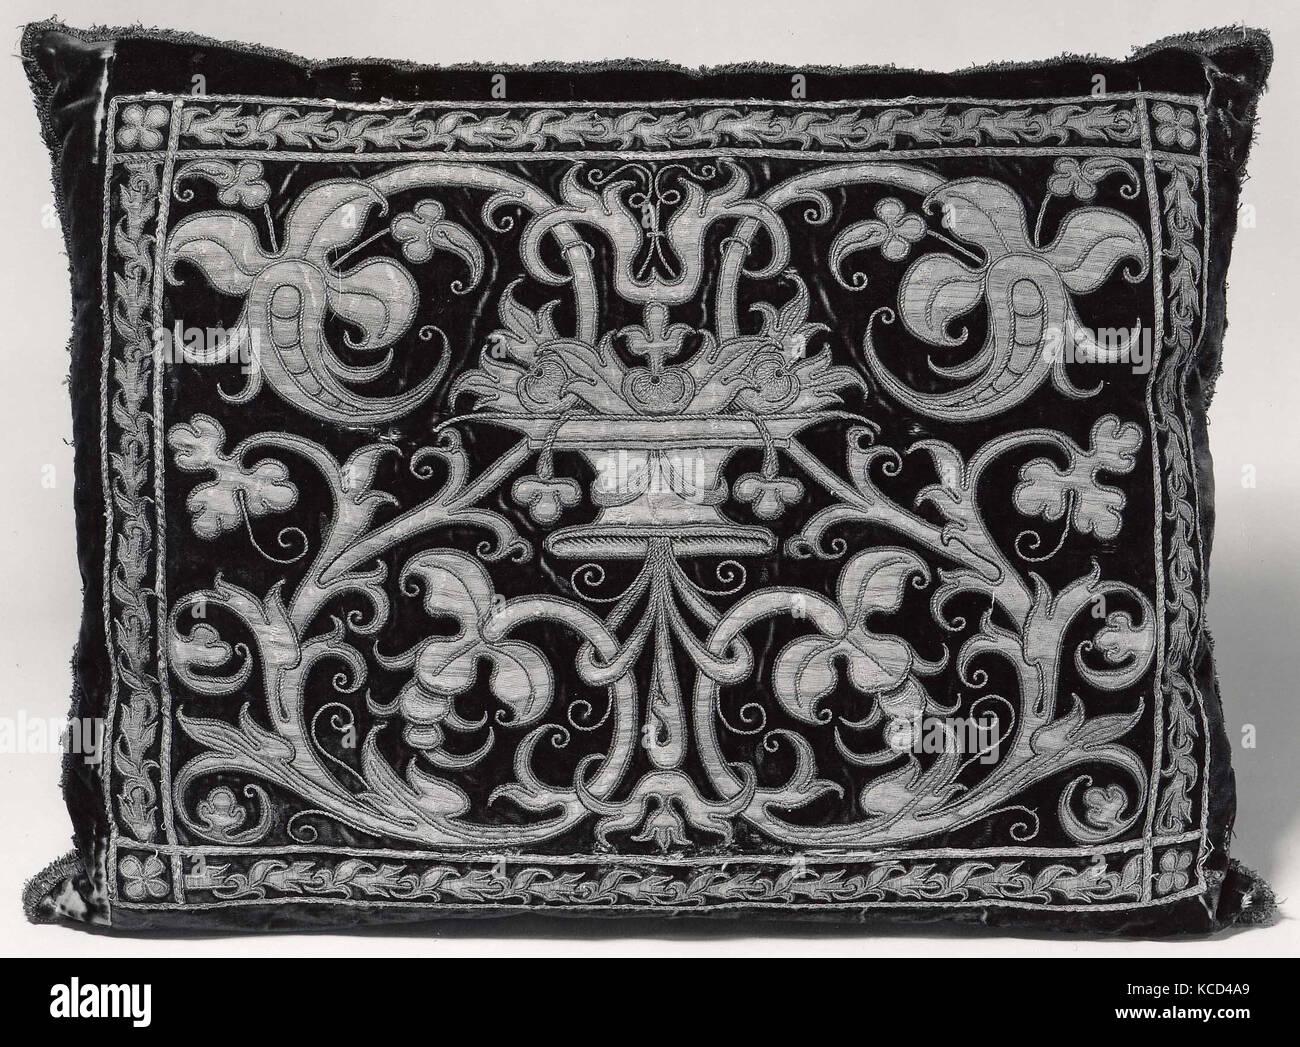 Les vêtements faits en 1994, 17e siècle, l'espagnol, la soie; métal, 19 x 25 in. (48,2 x 63,5 cm), Textiles-Miscellaneous Banque D'Images